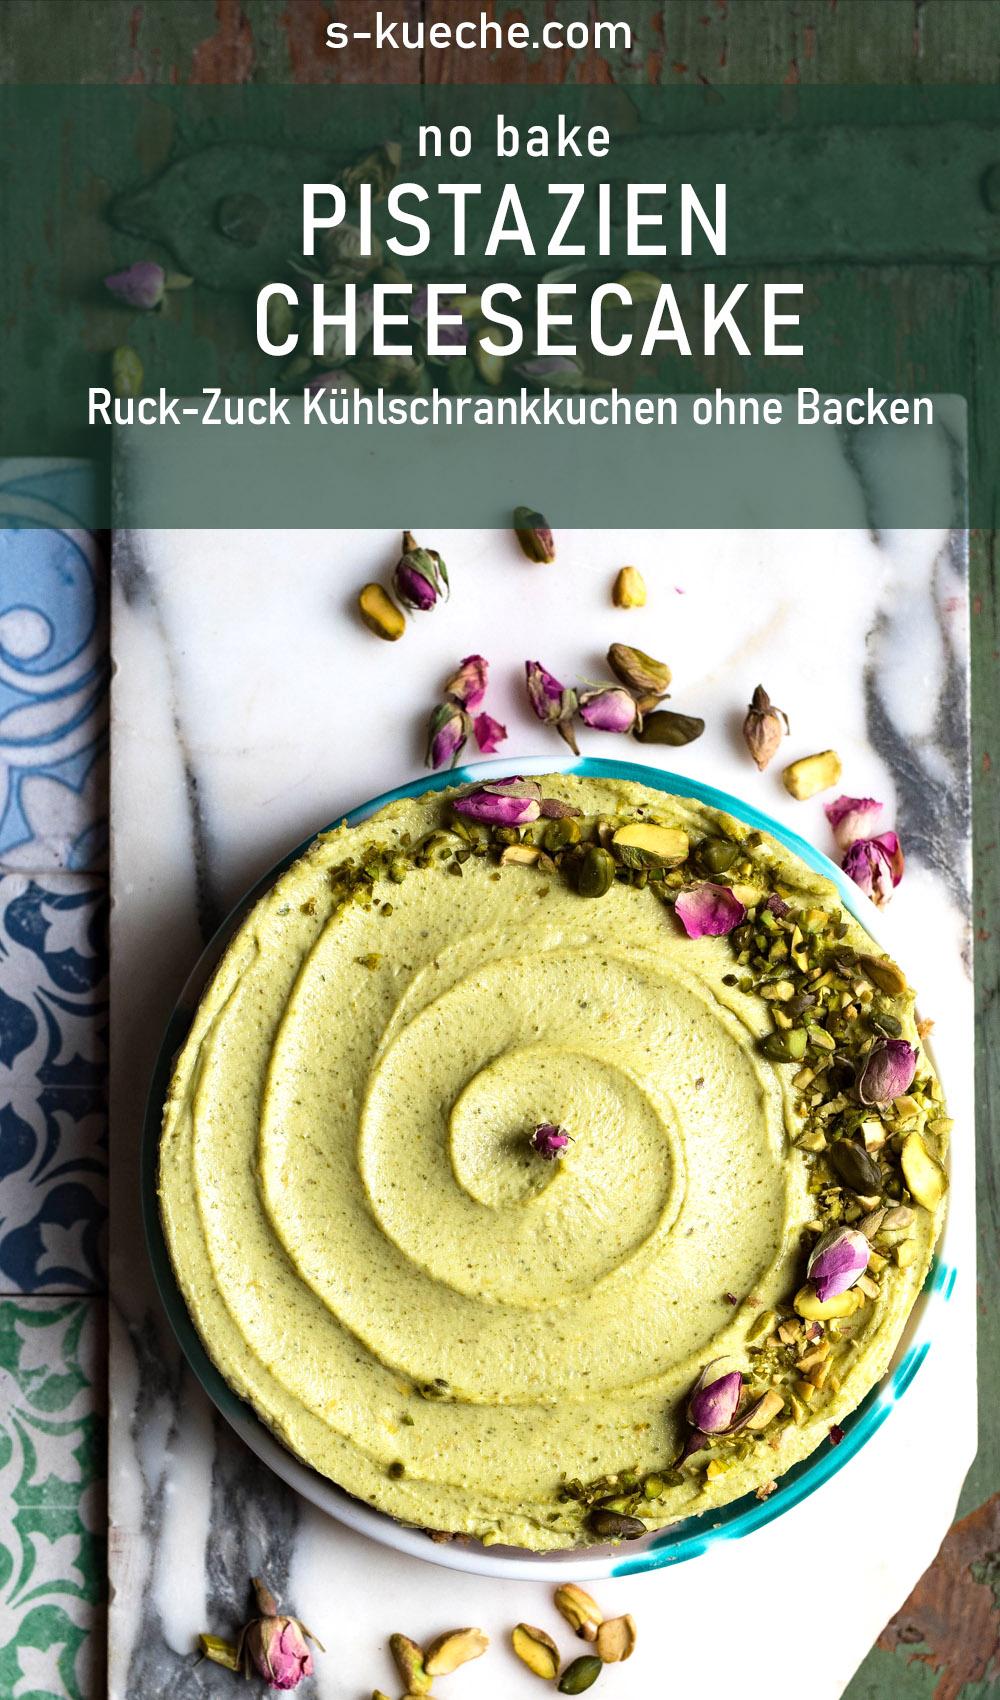 Pistazien Cheesecake - Kühlschrankkuchen ohne Backen. Rezept für sensationell leckeren fixen no bake Kuchen, der im Sommer, und auch zu Weihnachten schmeckt #nobake #kühlschrankkuchen #pistazien ohnebacken #cheesecake #kuchen